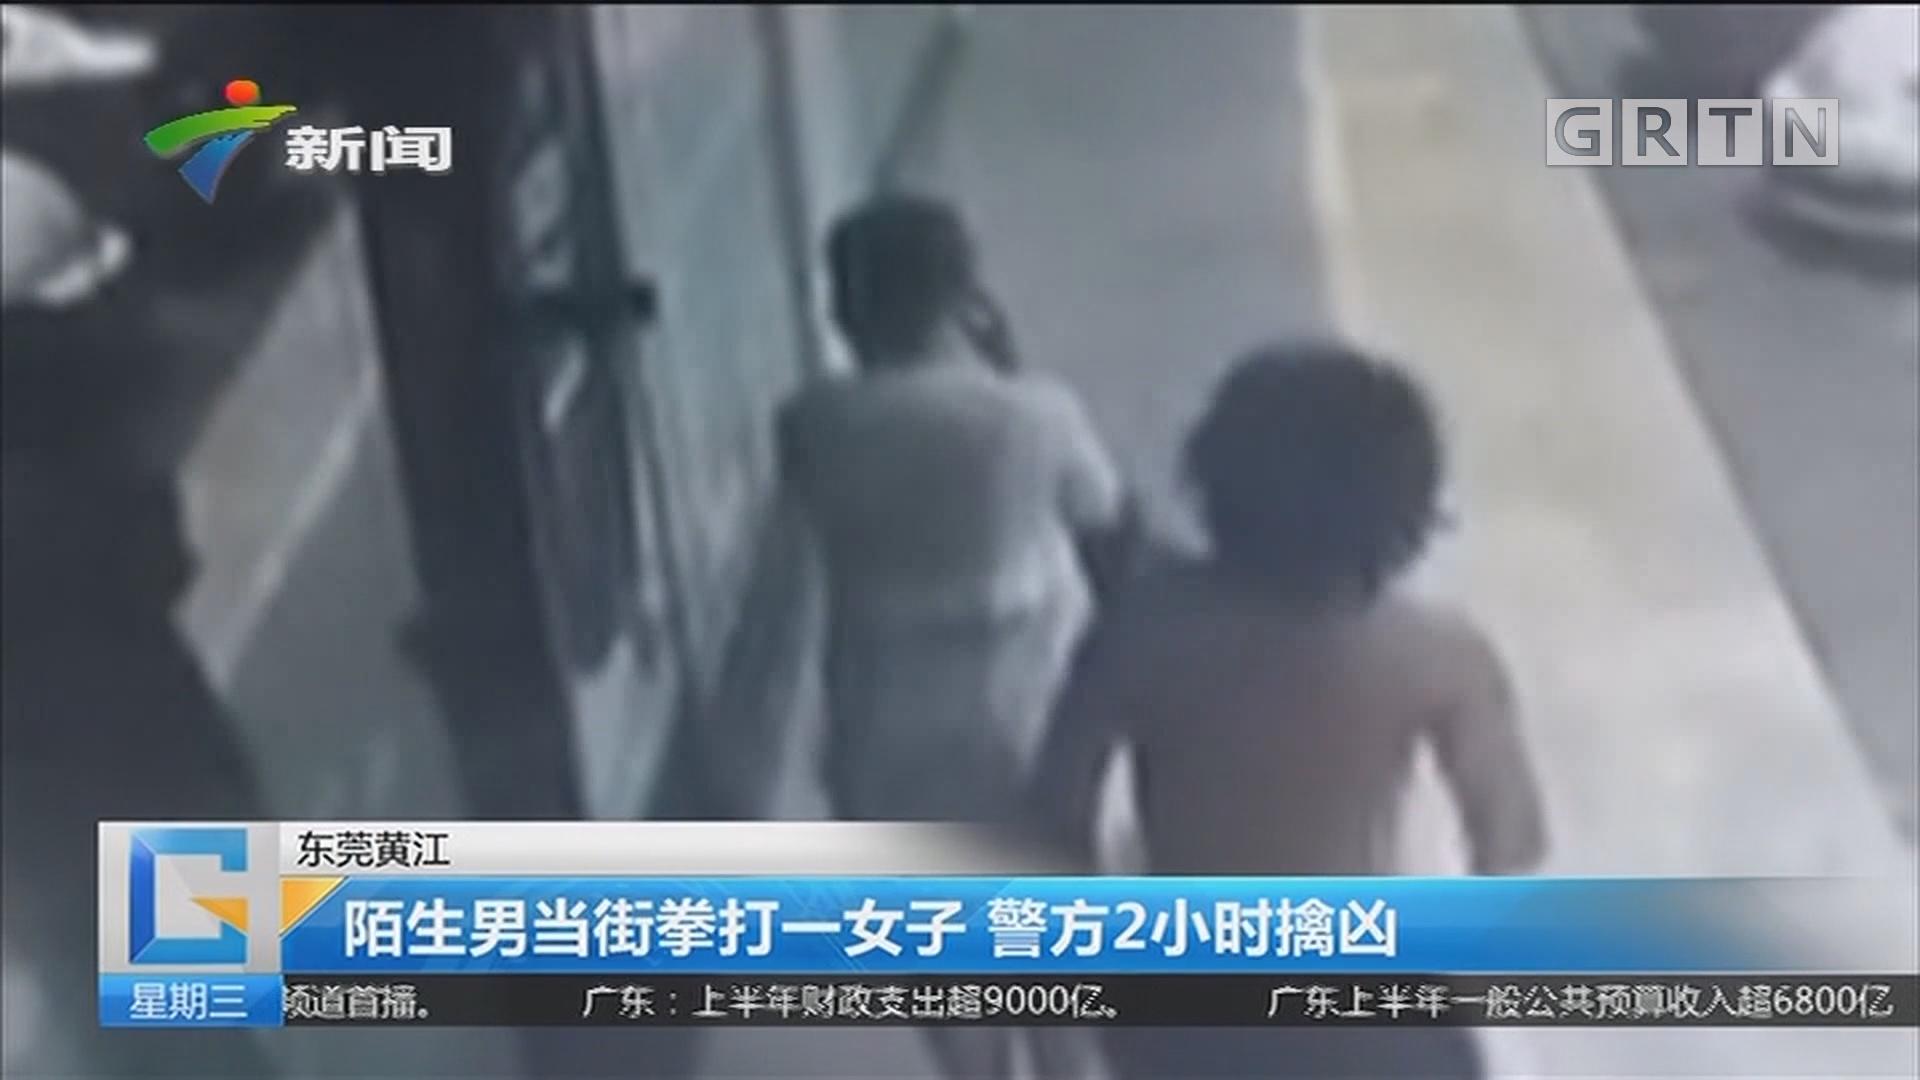 东莞黄江:陌生男当街拳打一女子 警方2小时擒凶